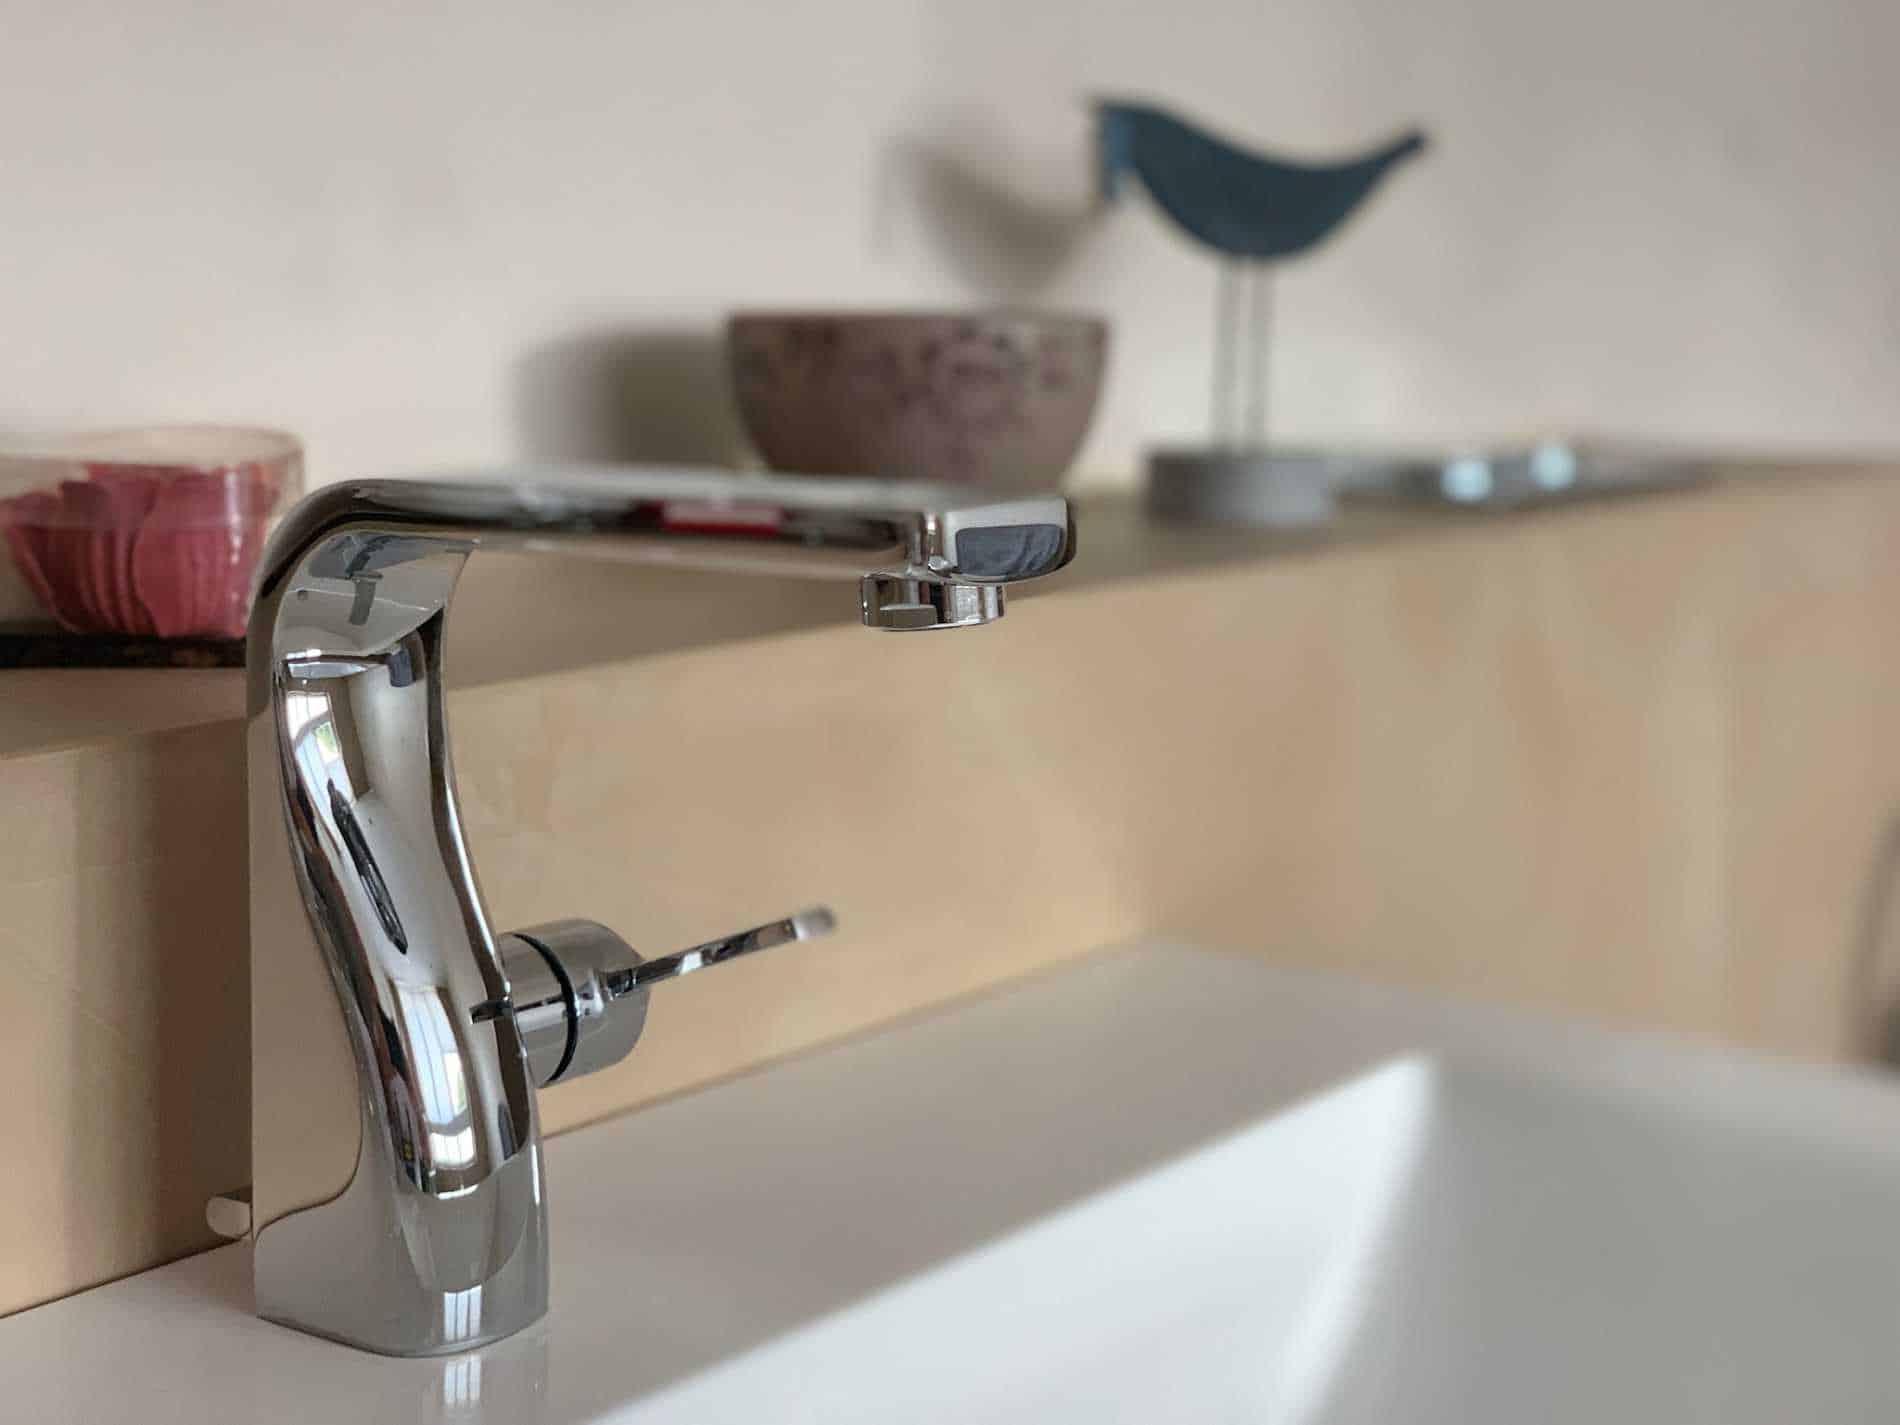 Detailfoto eines fugenlosen hangespachtelten Badezimmers